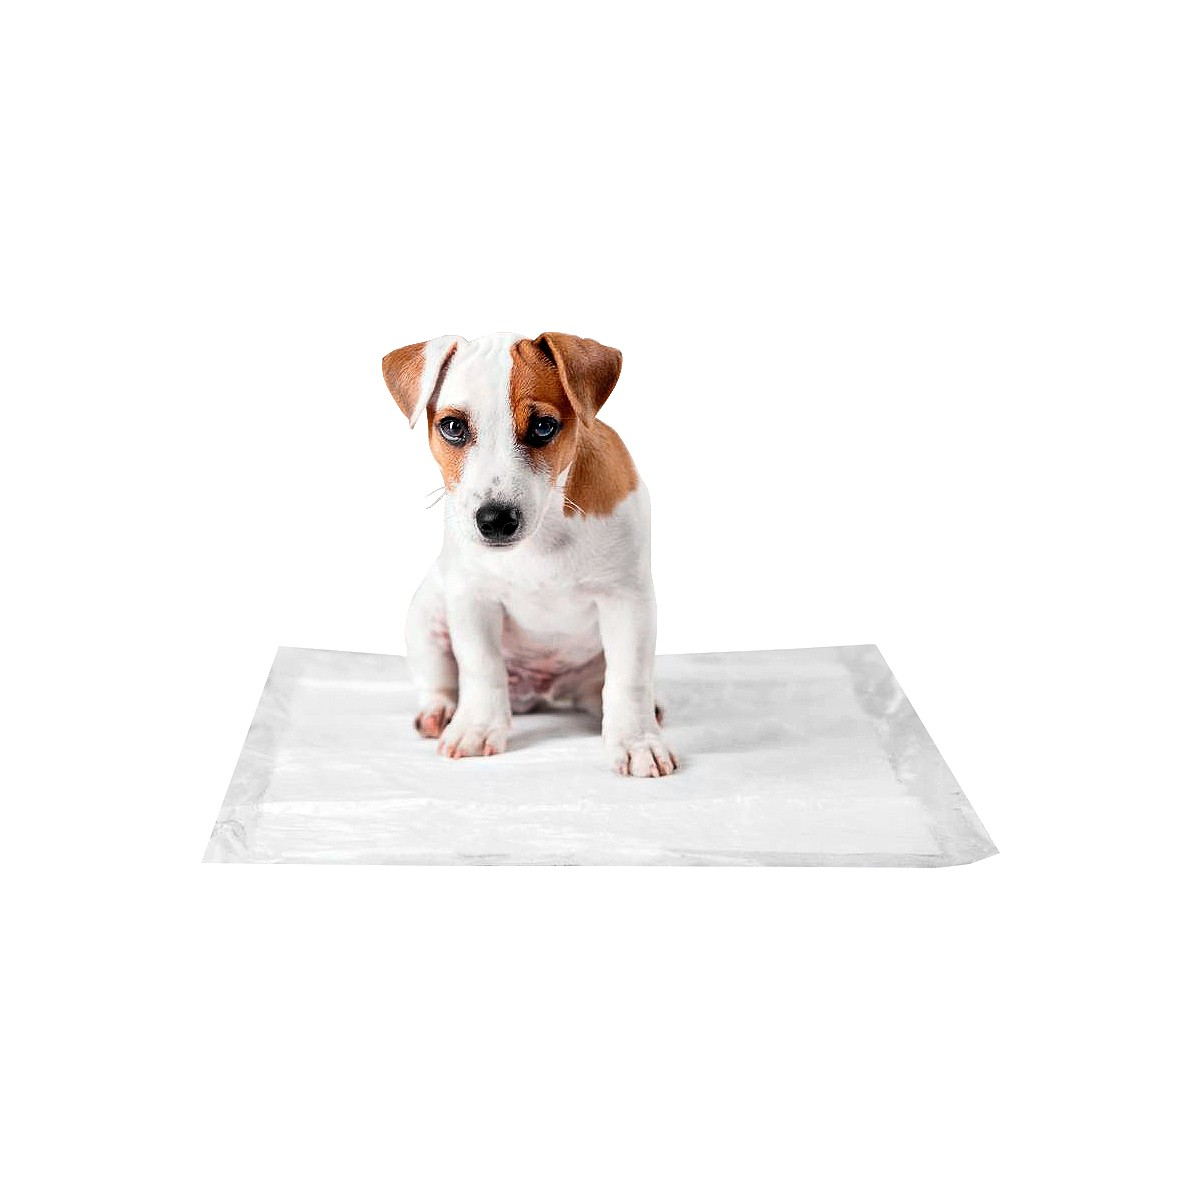 Tapete Higiênico P/ Cães Com 30 Unidades 60x60cm Até 1 Litro